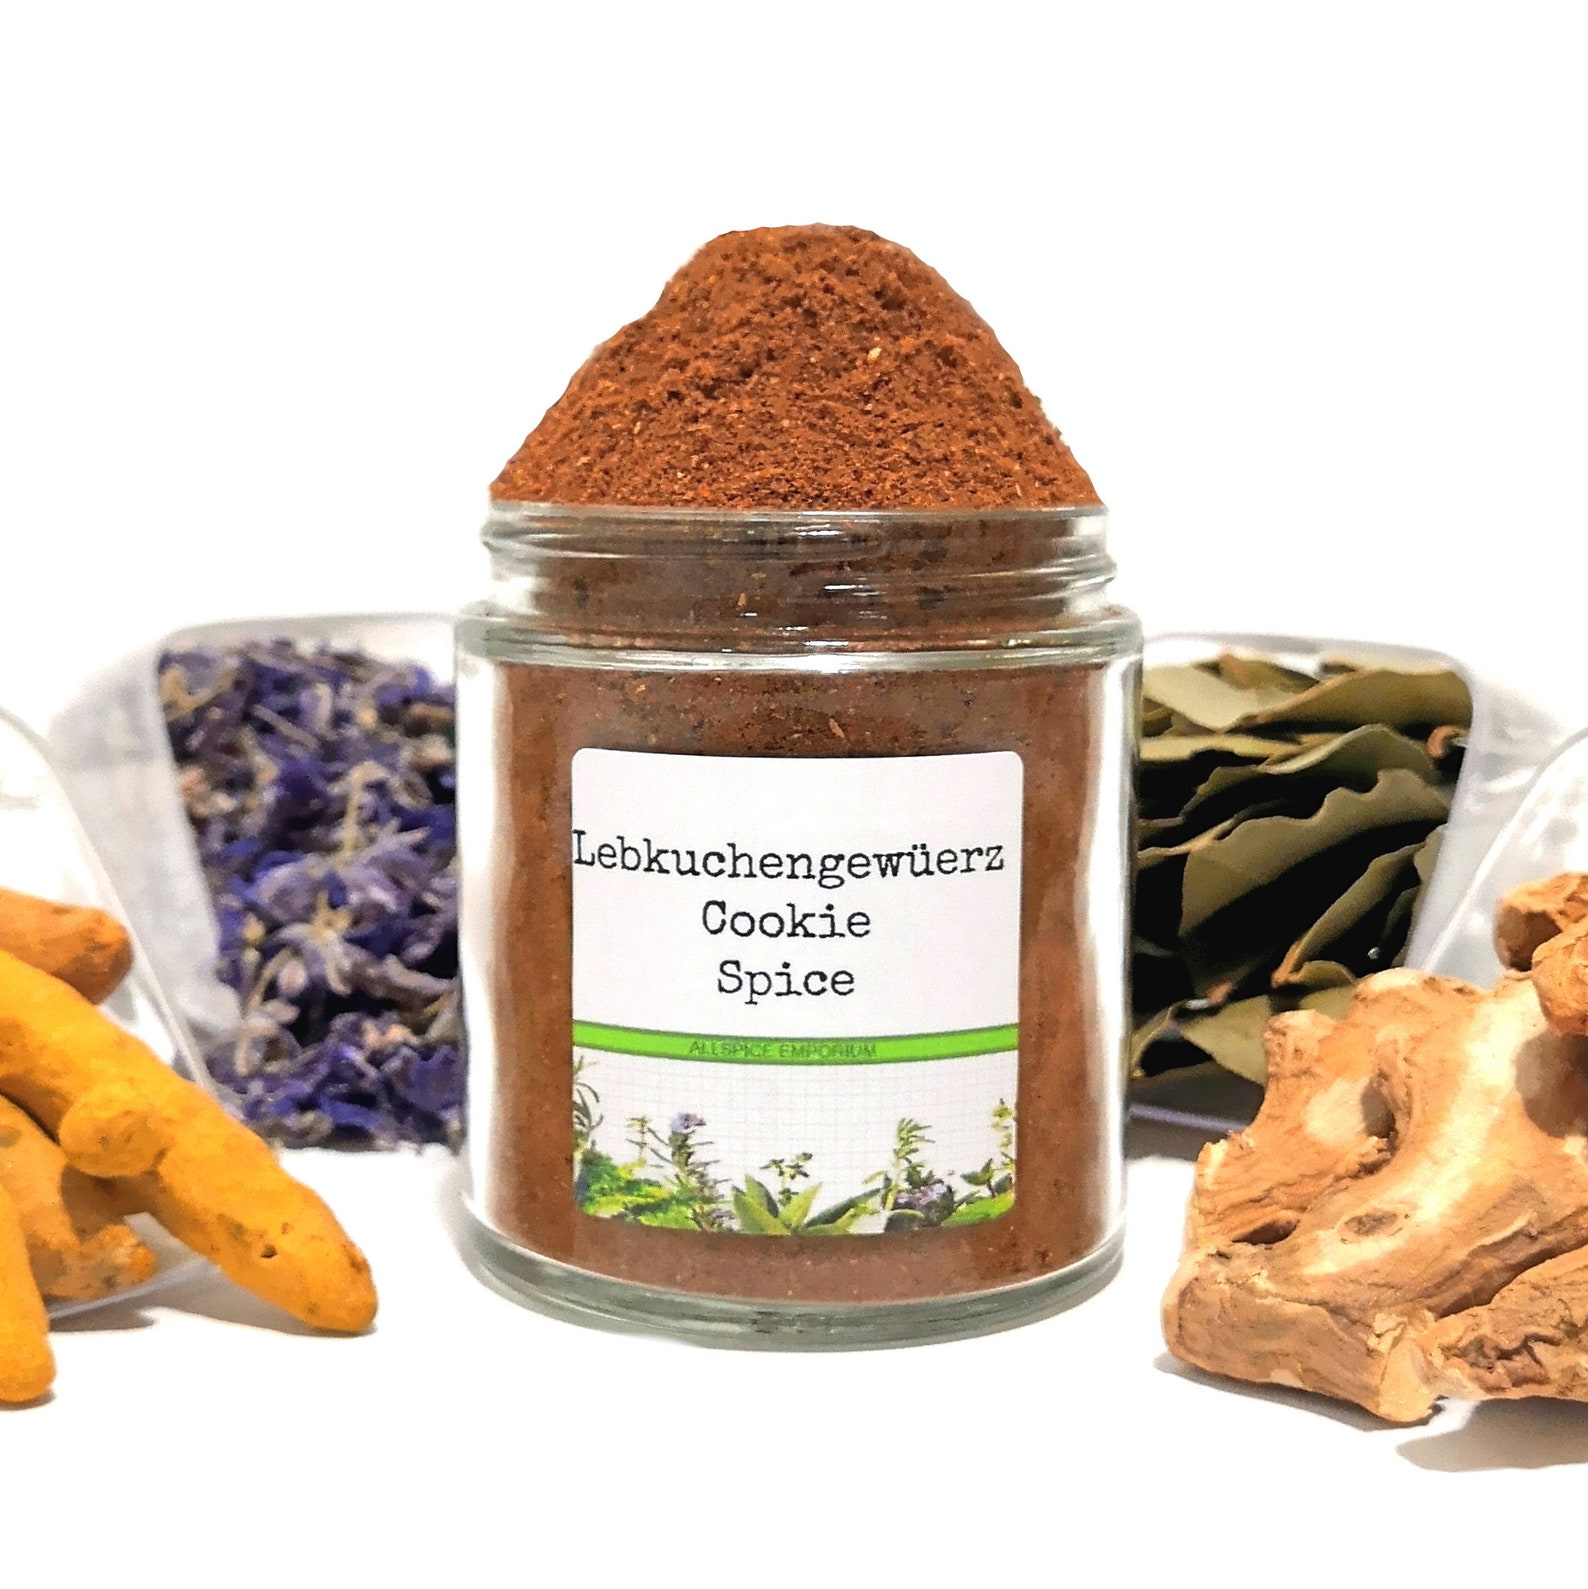 Lebkuchen Spice